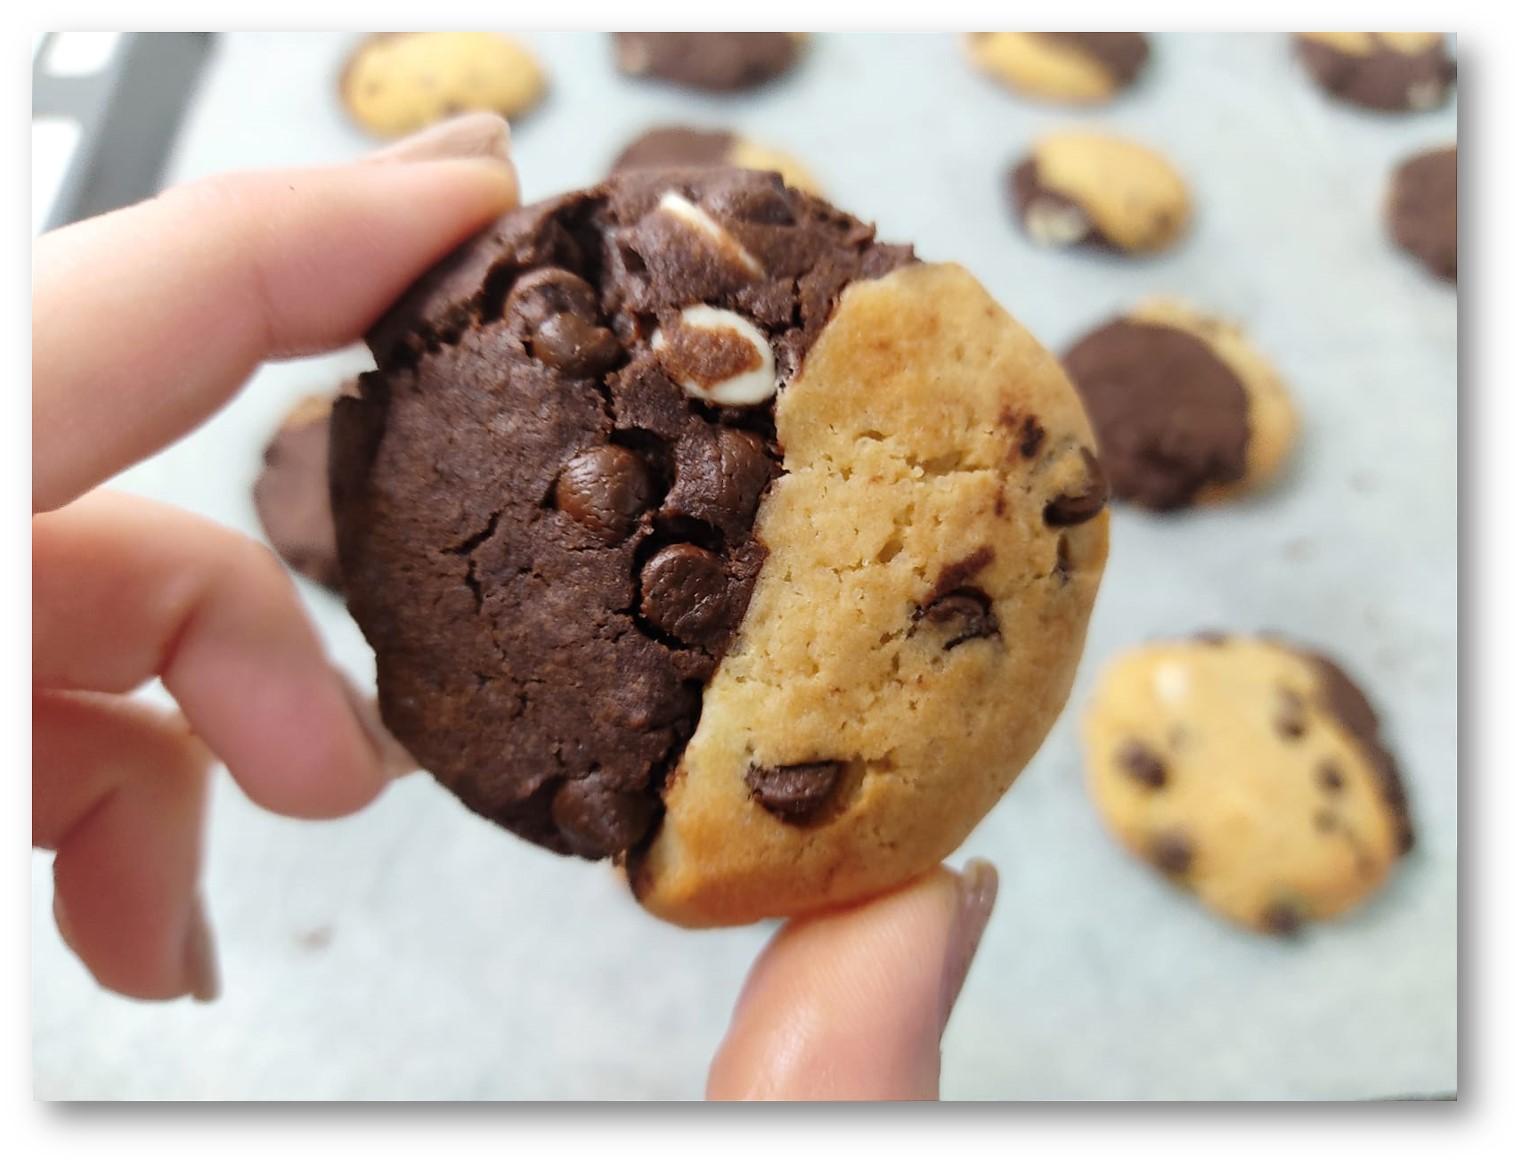 עוגיות שוקולדציפס חצי חצי